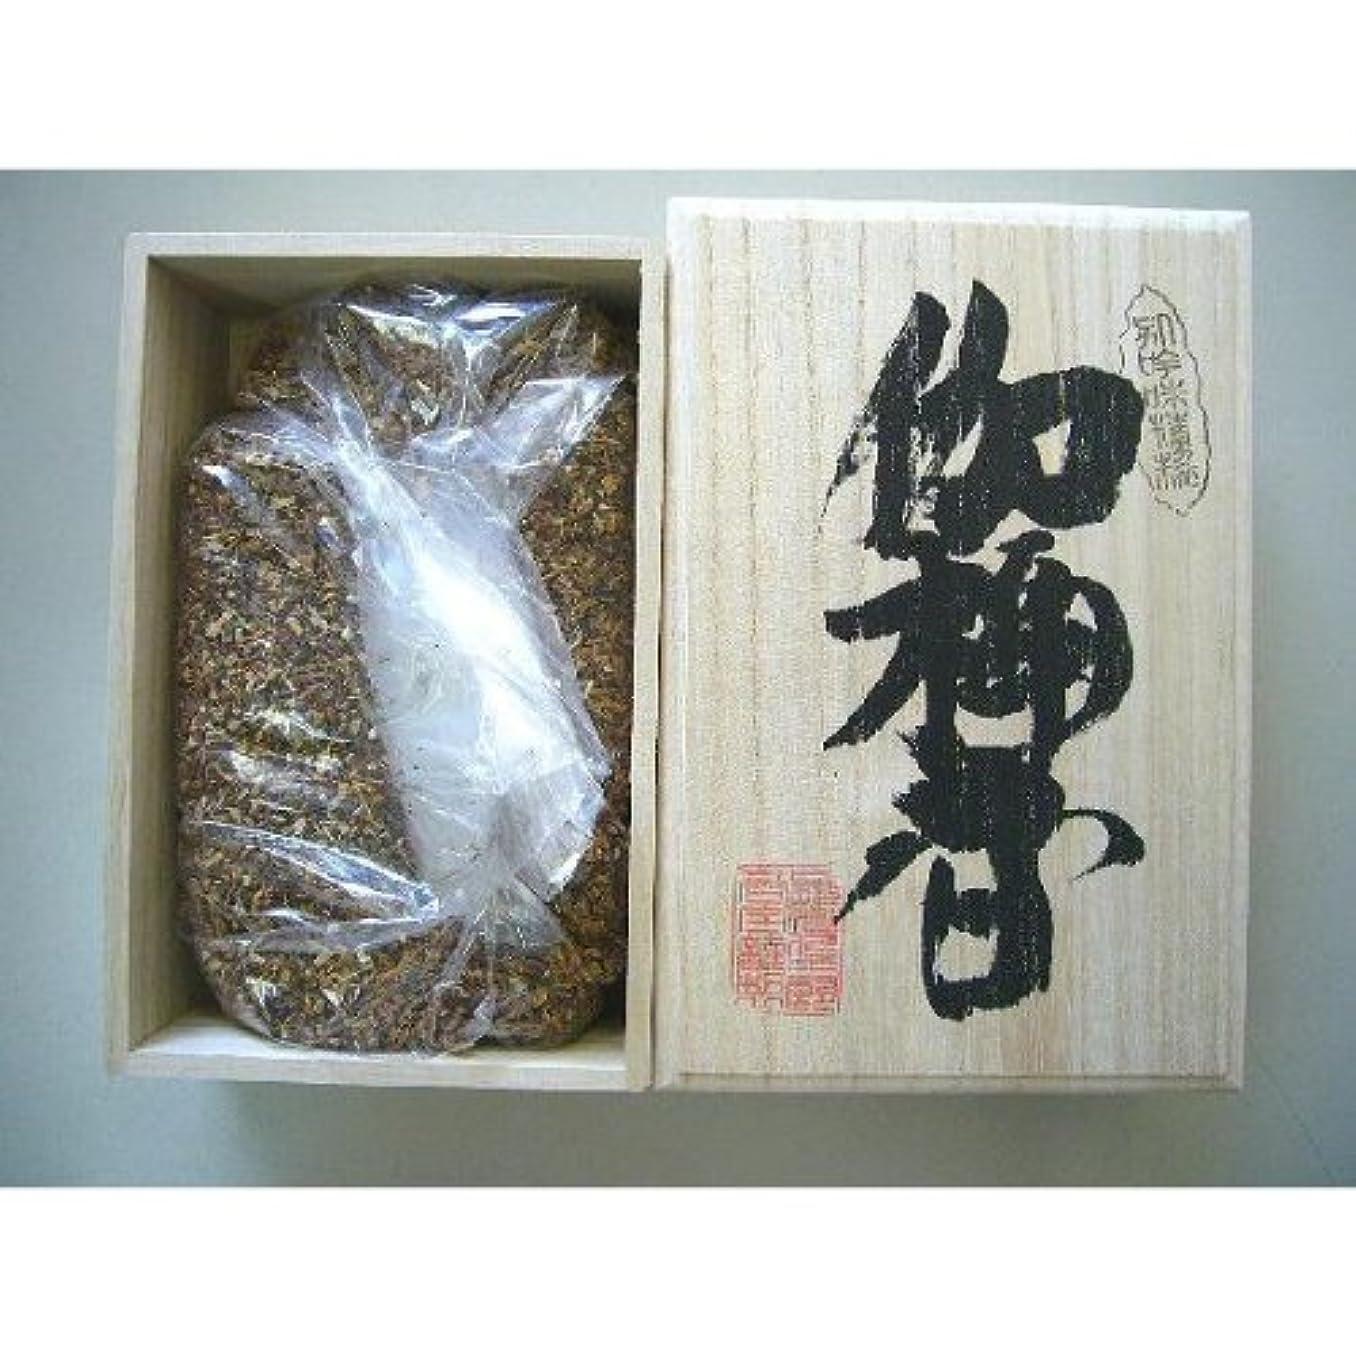 肥料スリチンモイお父さん焼香 伽楠香250g桐箱入り 抹香